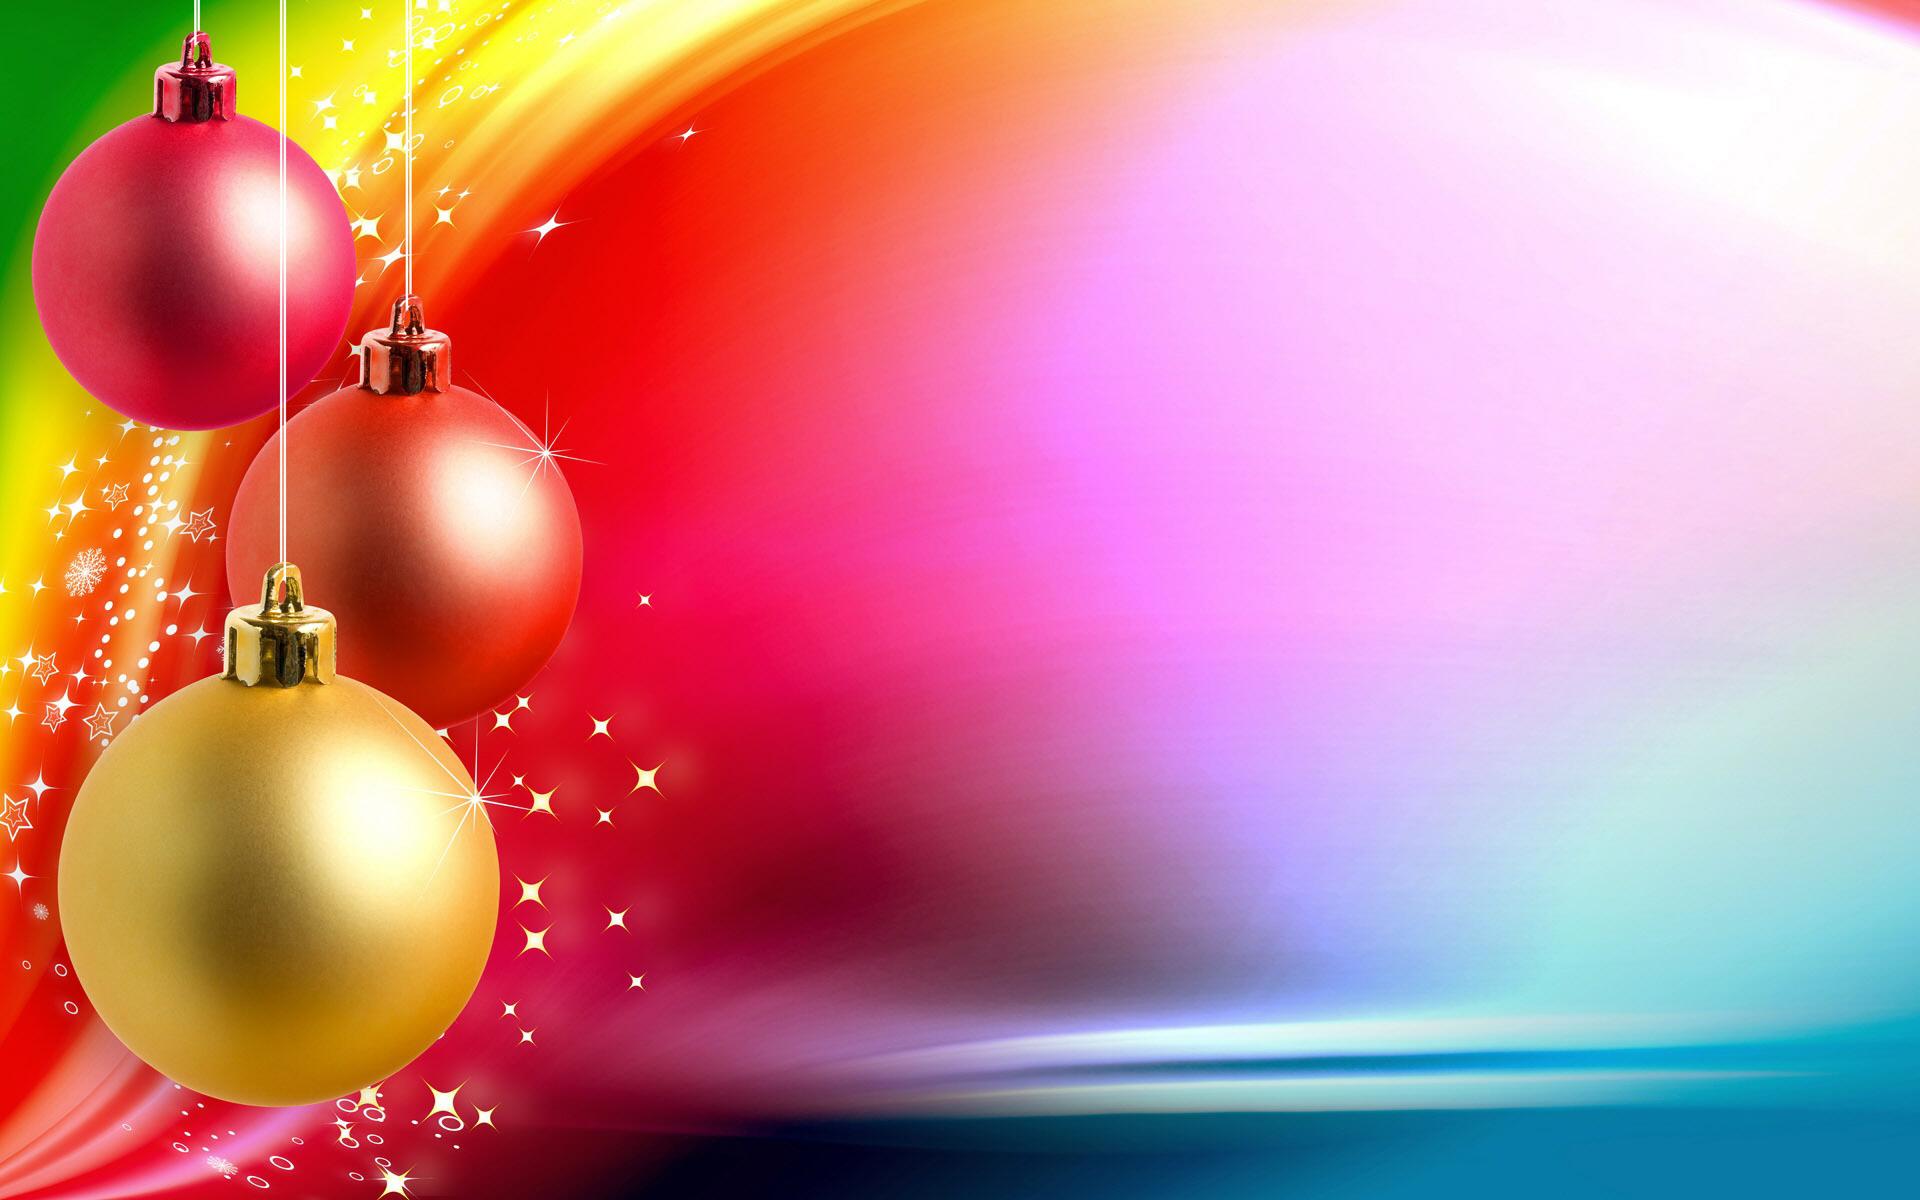 Картинка с новым годом фон, днем любви